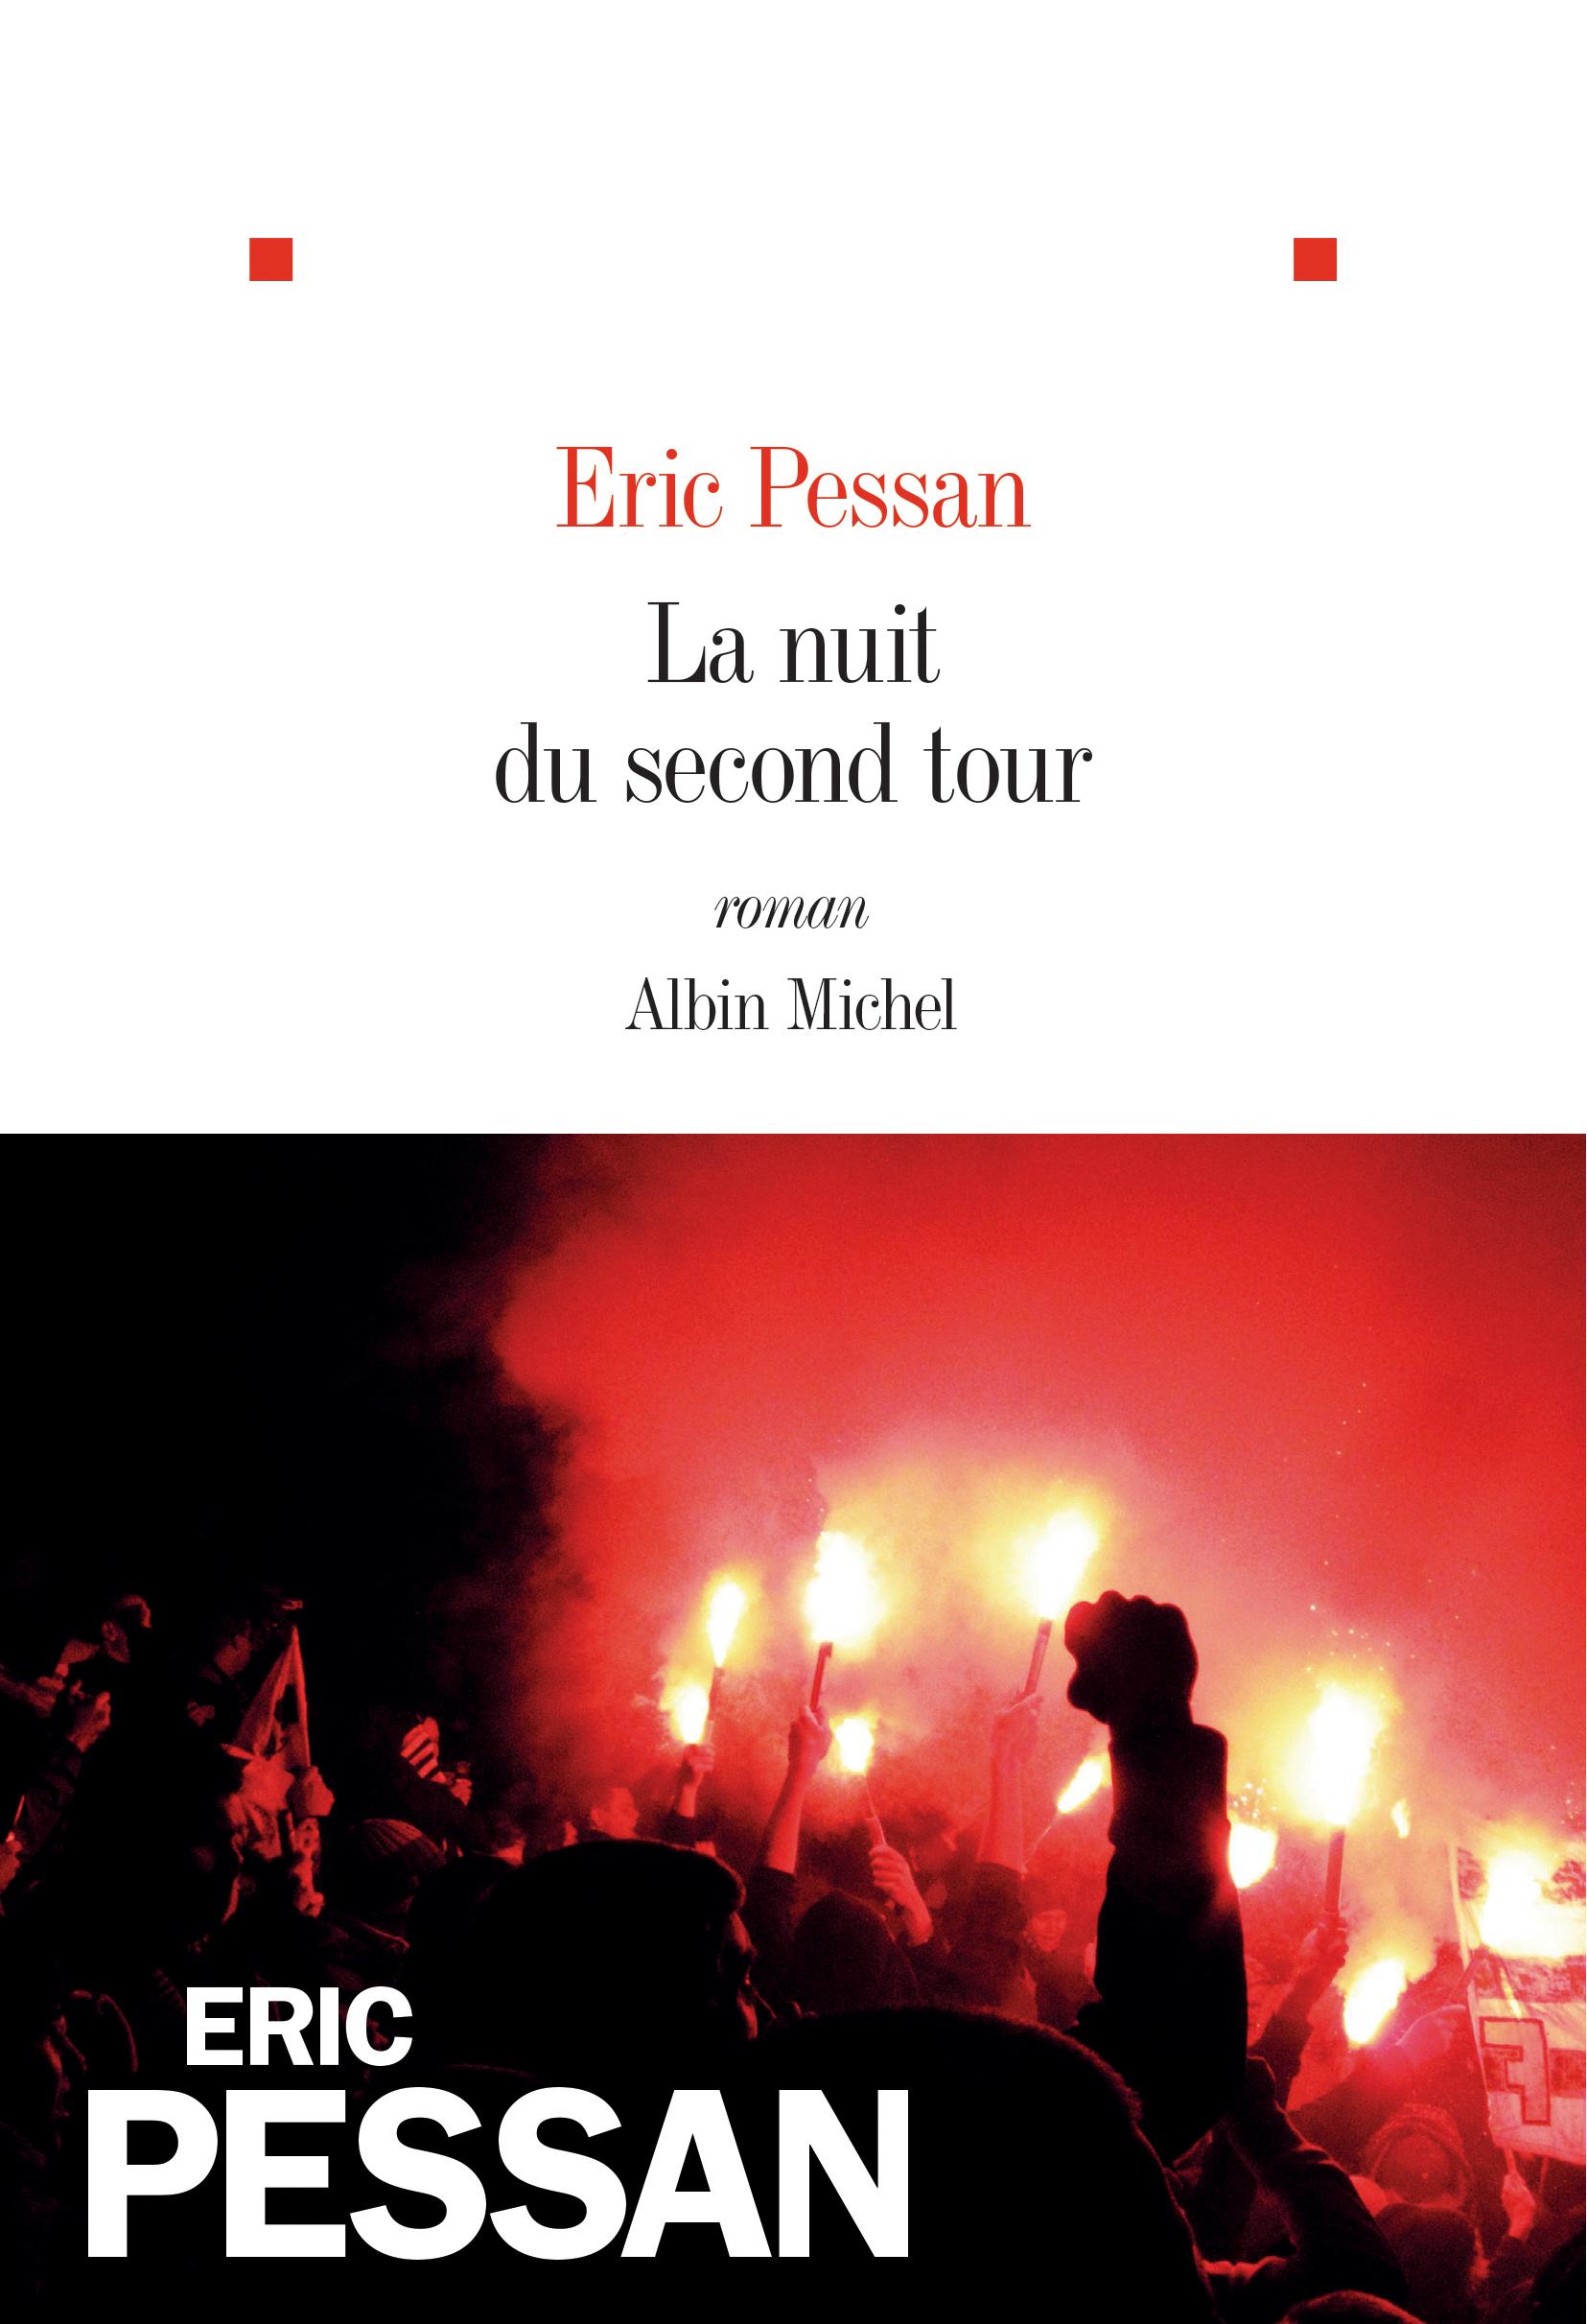 La nuit du second tour, Eric Pessan.jpg